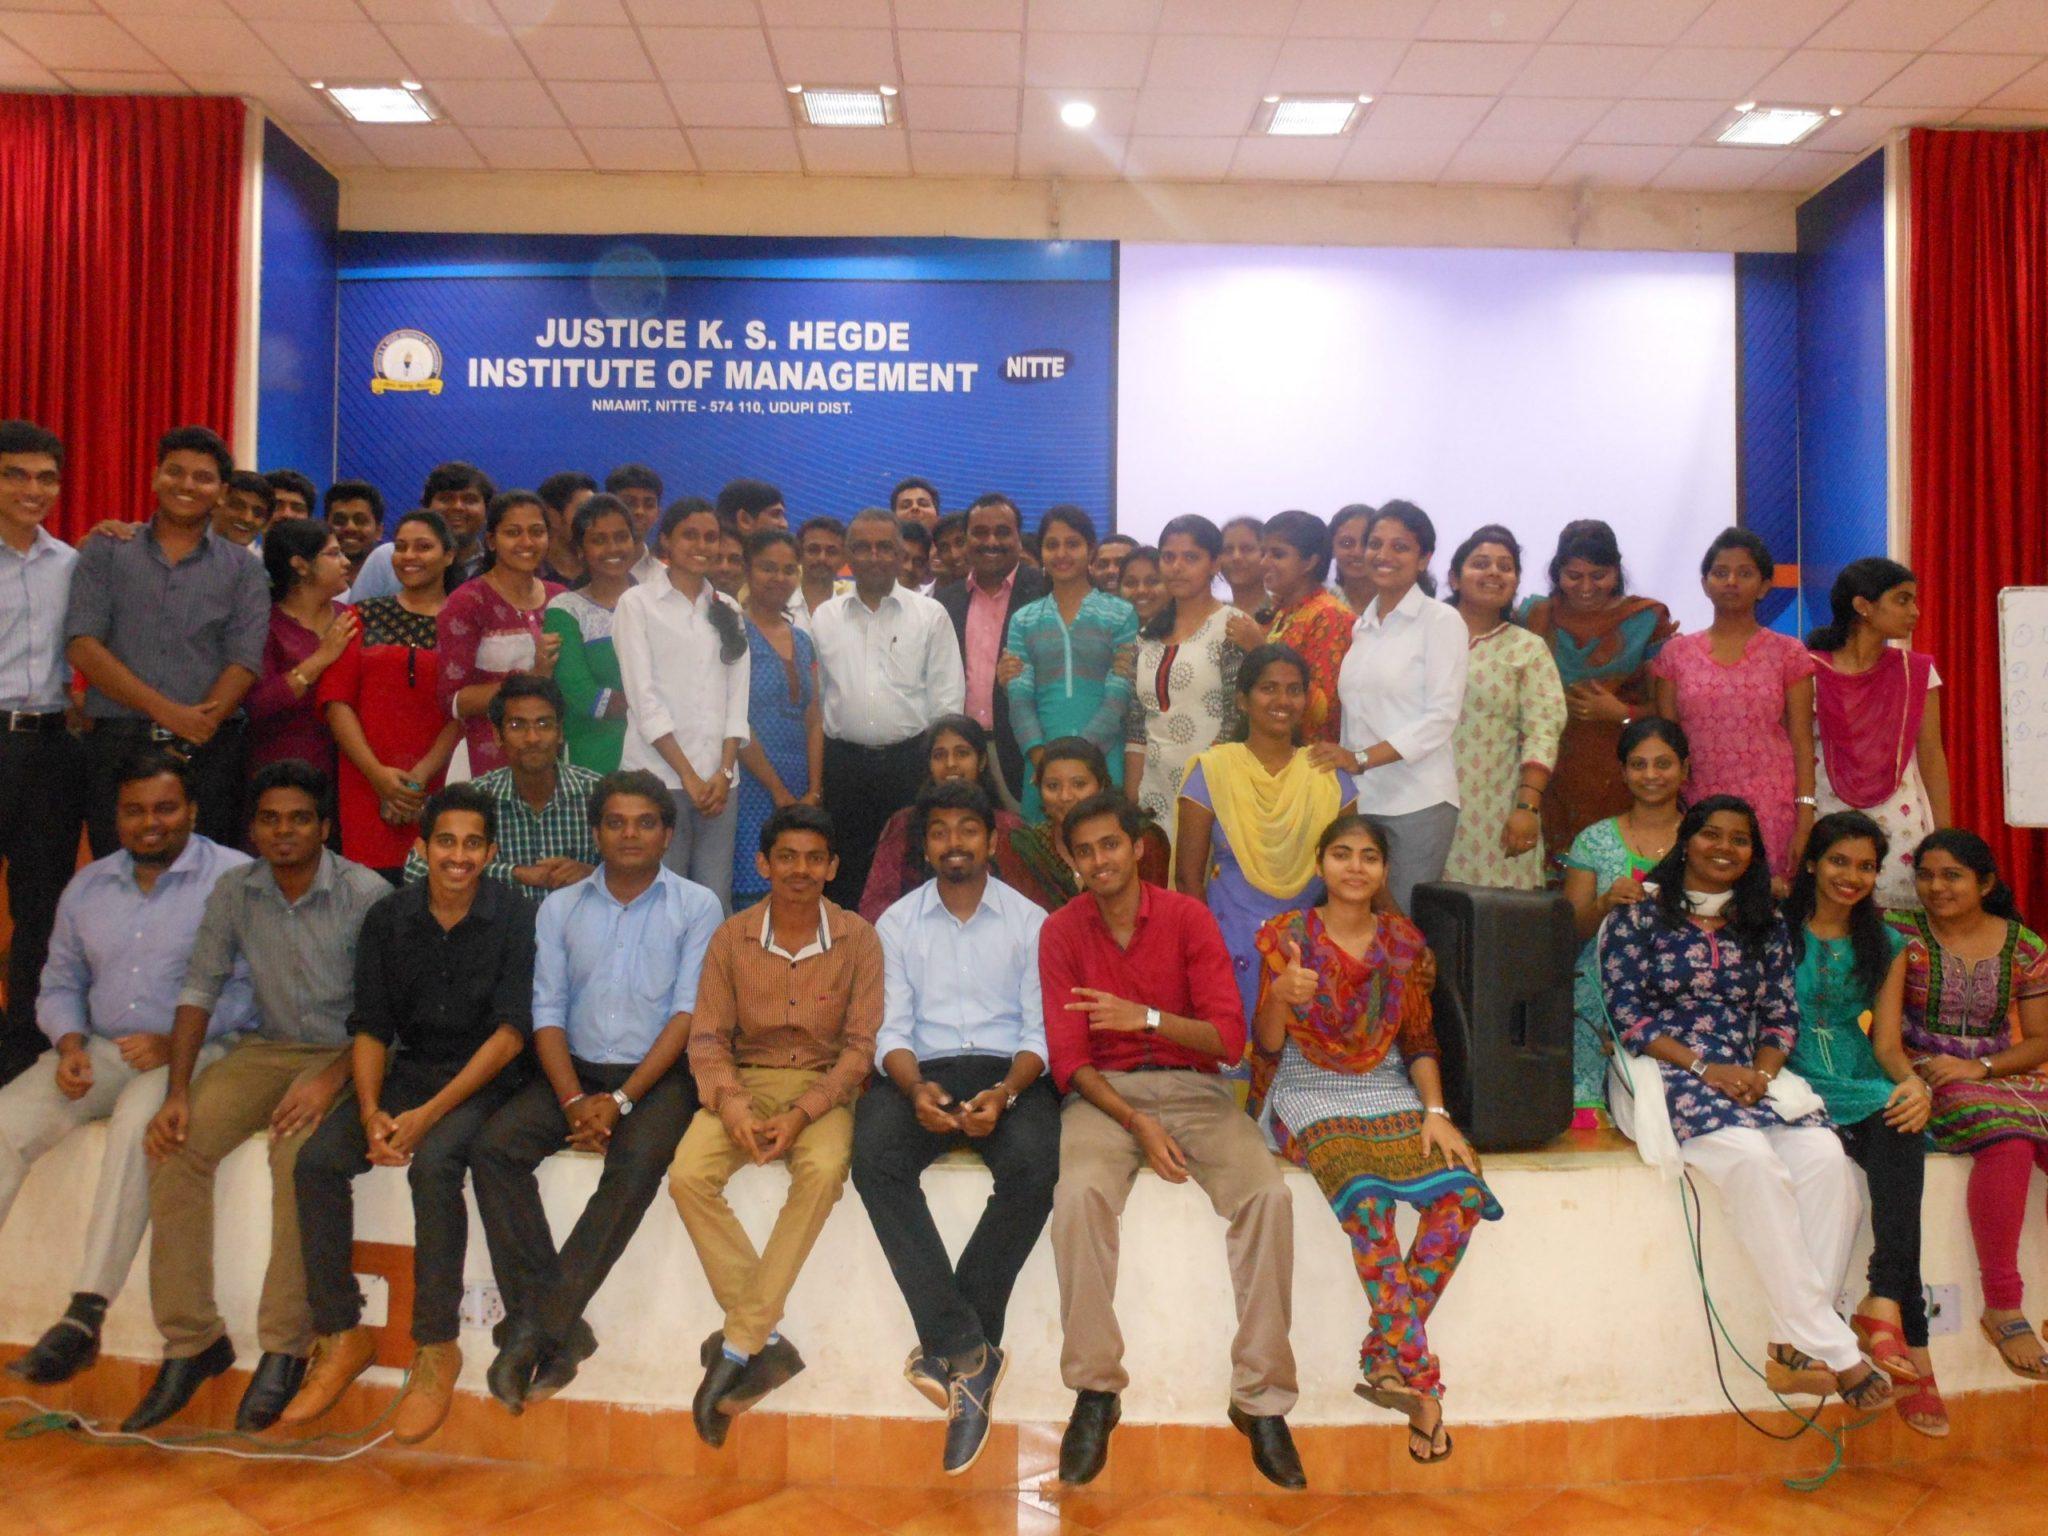 Digital marketing seminar at Justice K.S Hegde Institute of Management Udipi